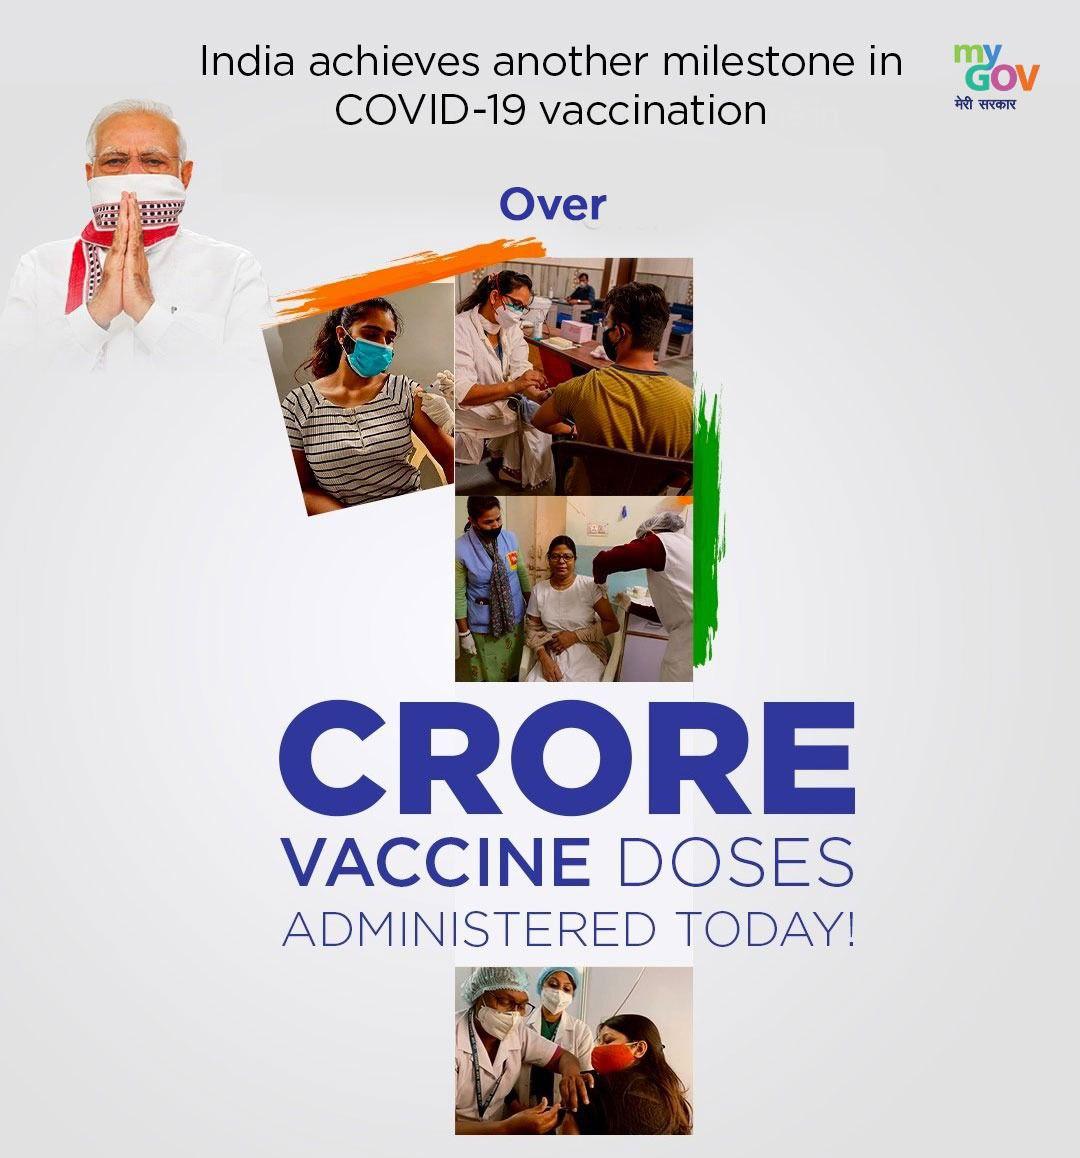 देश ने कल एक करोड से अधिक कोविड रोधी टीके लगाकर महत्वपूर्ण उपलब्धि हासिल की